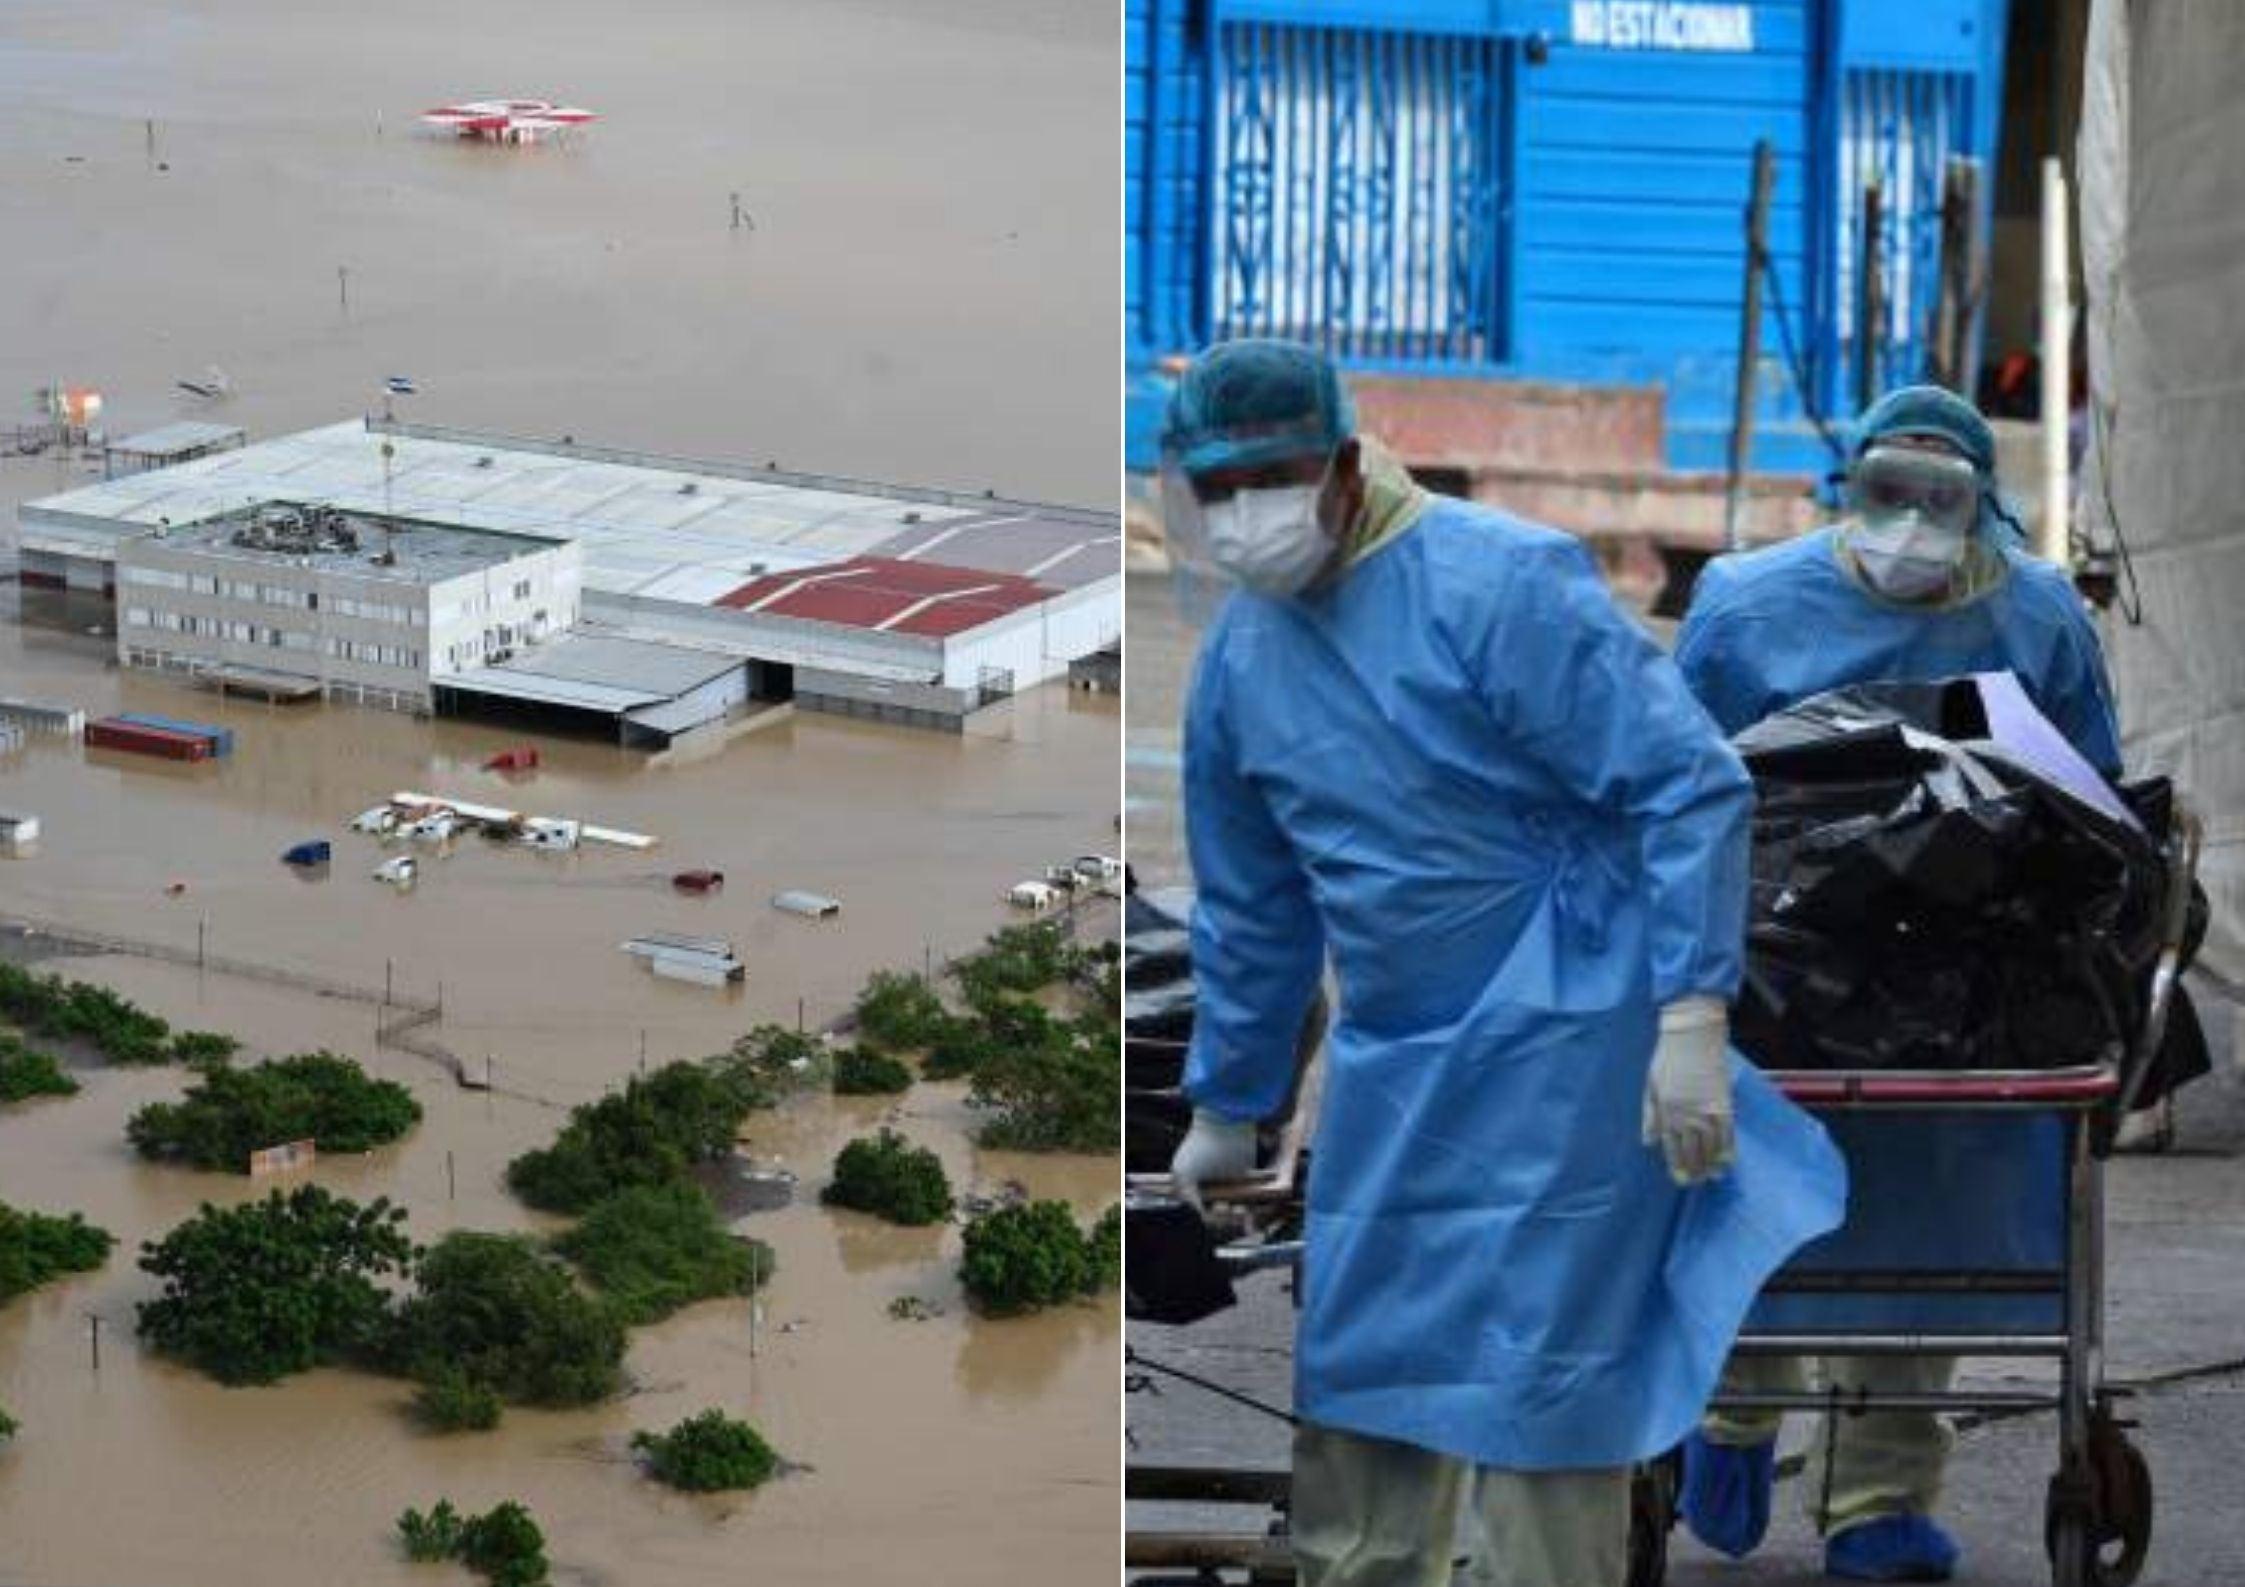 fosdeh pérdidas huracanes pandemia